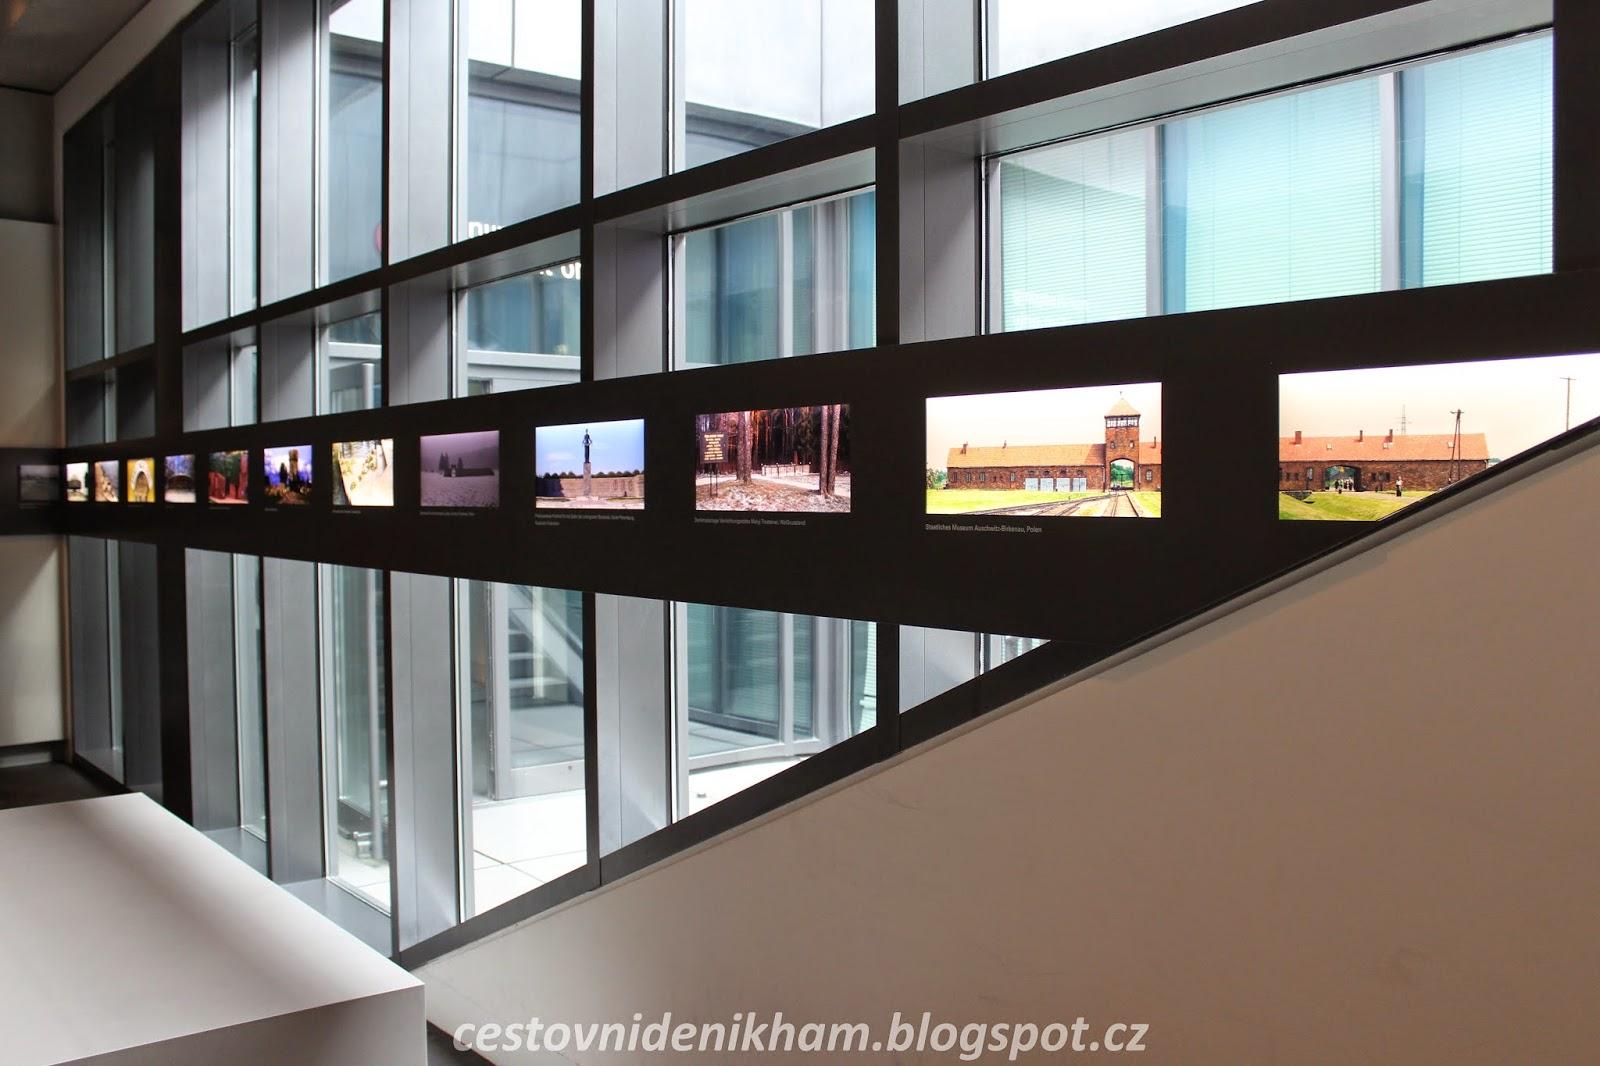 informační centrum k památníku // information center of holocaust mahnmal